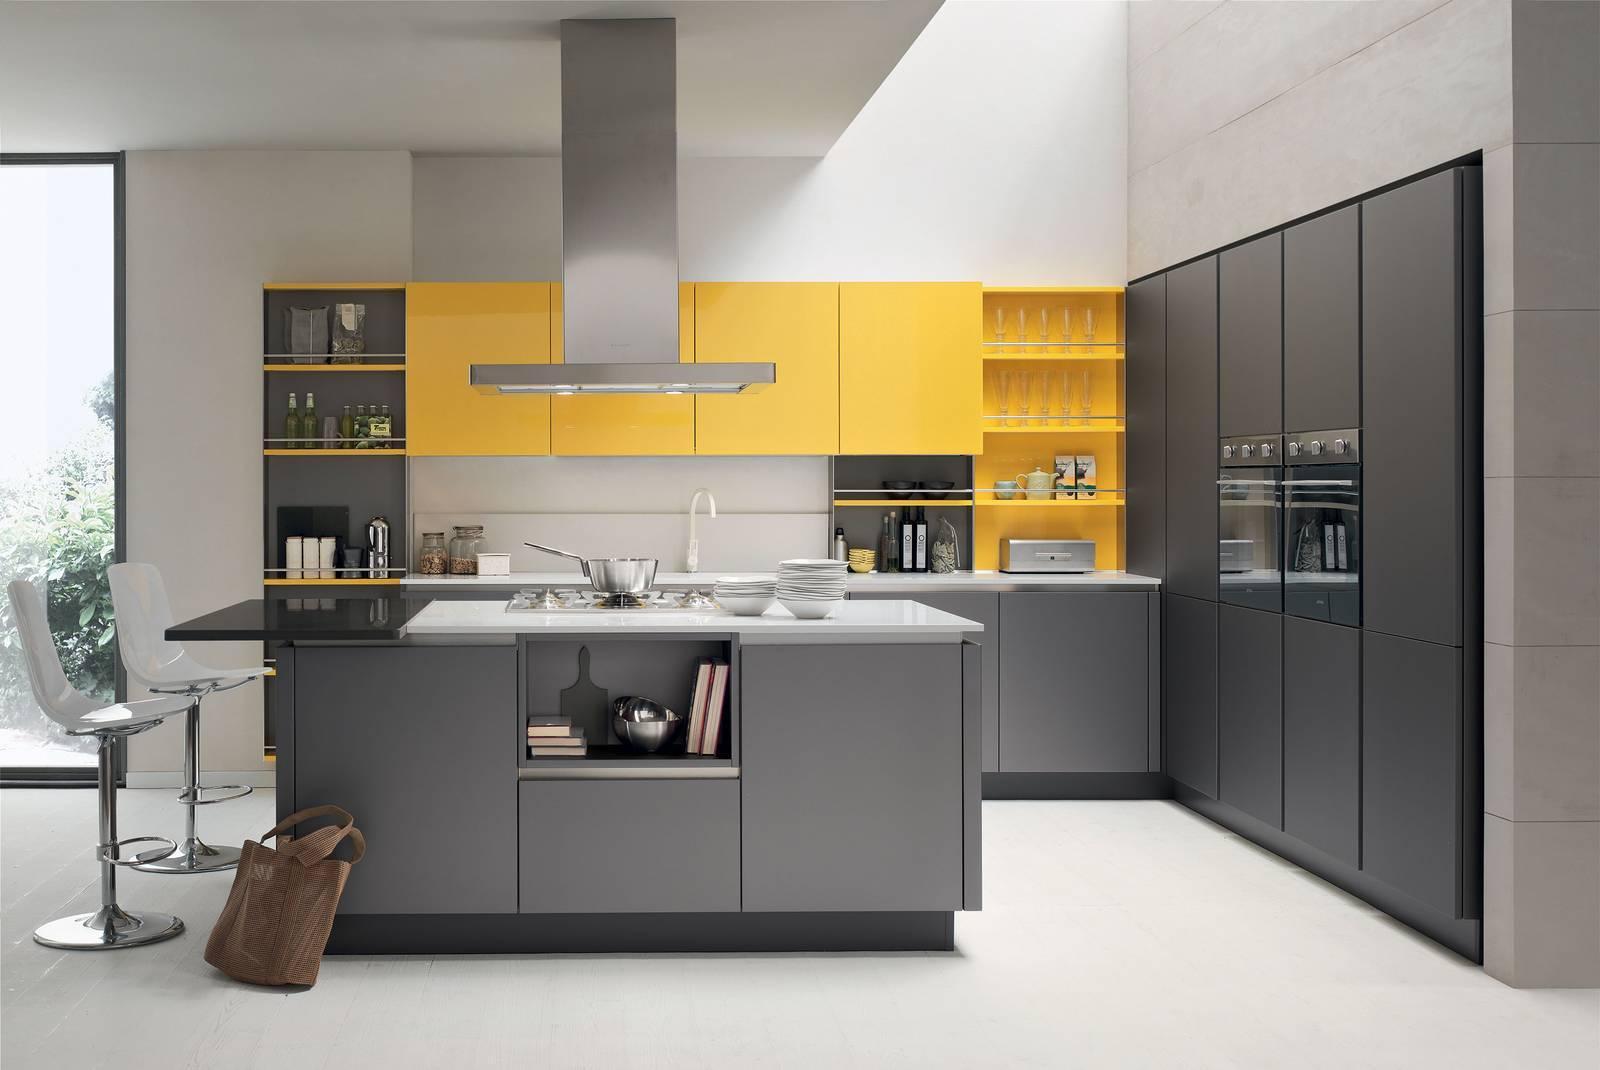 Cucine con profondità di 60 cm o meno - Cose di Casa